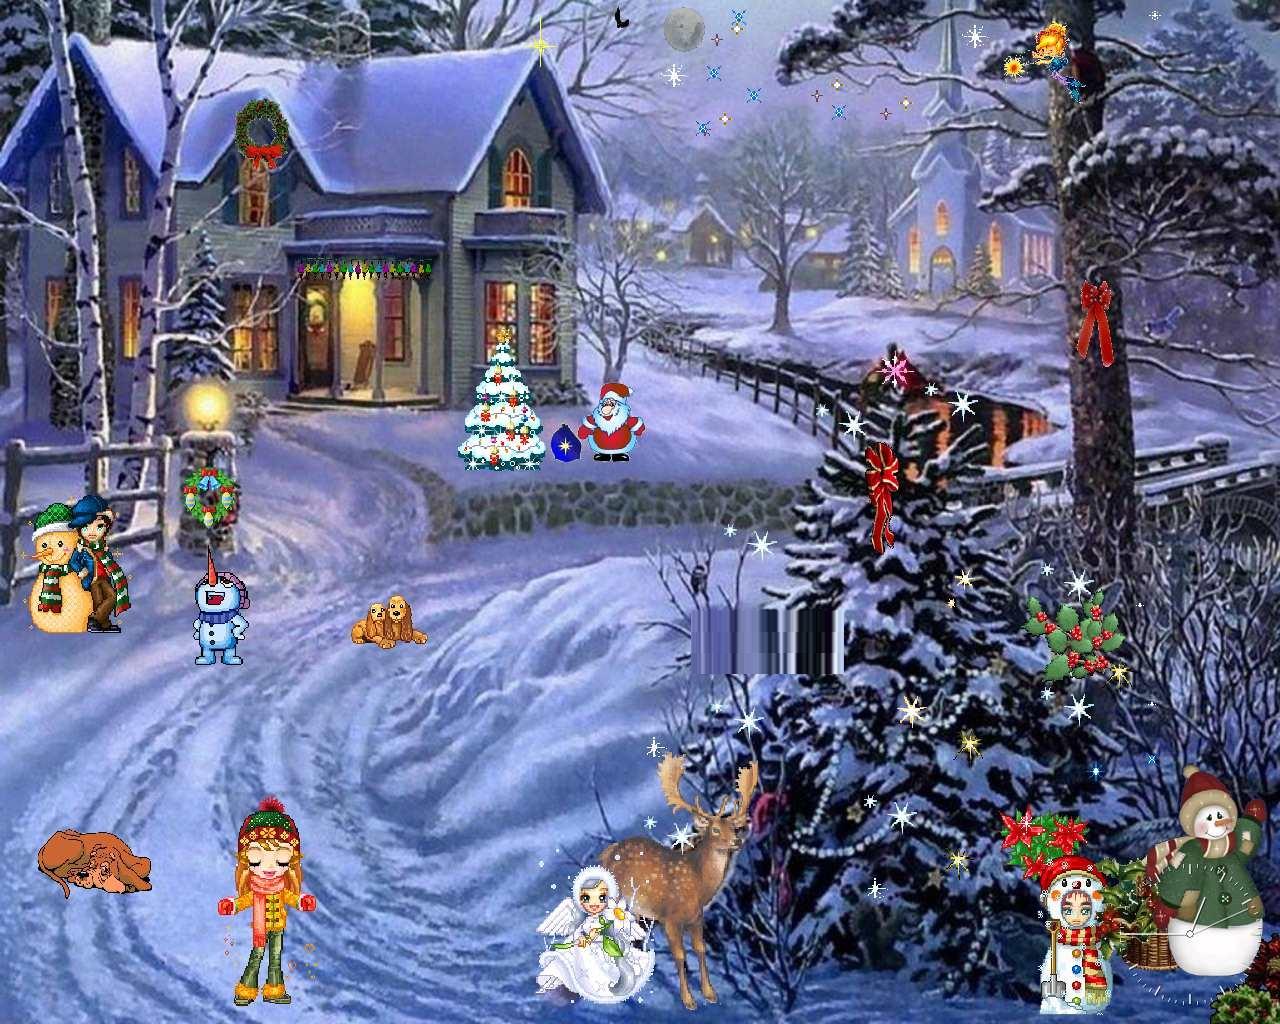 Christmas Scenes Desktop Wallpaper newhairstylesformen2014com 1280x1024